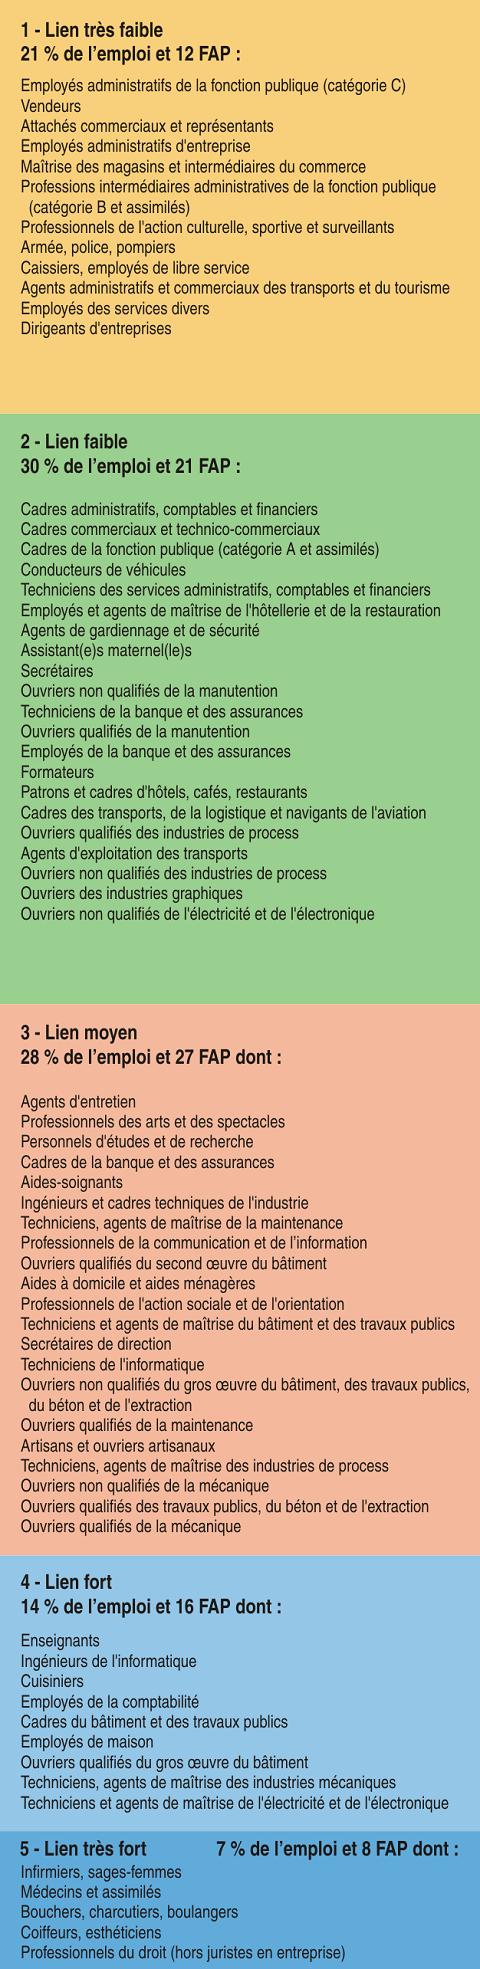 En Ile De France Un Lien Plus Faible Entre La Formation Suivie Et L